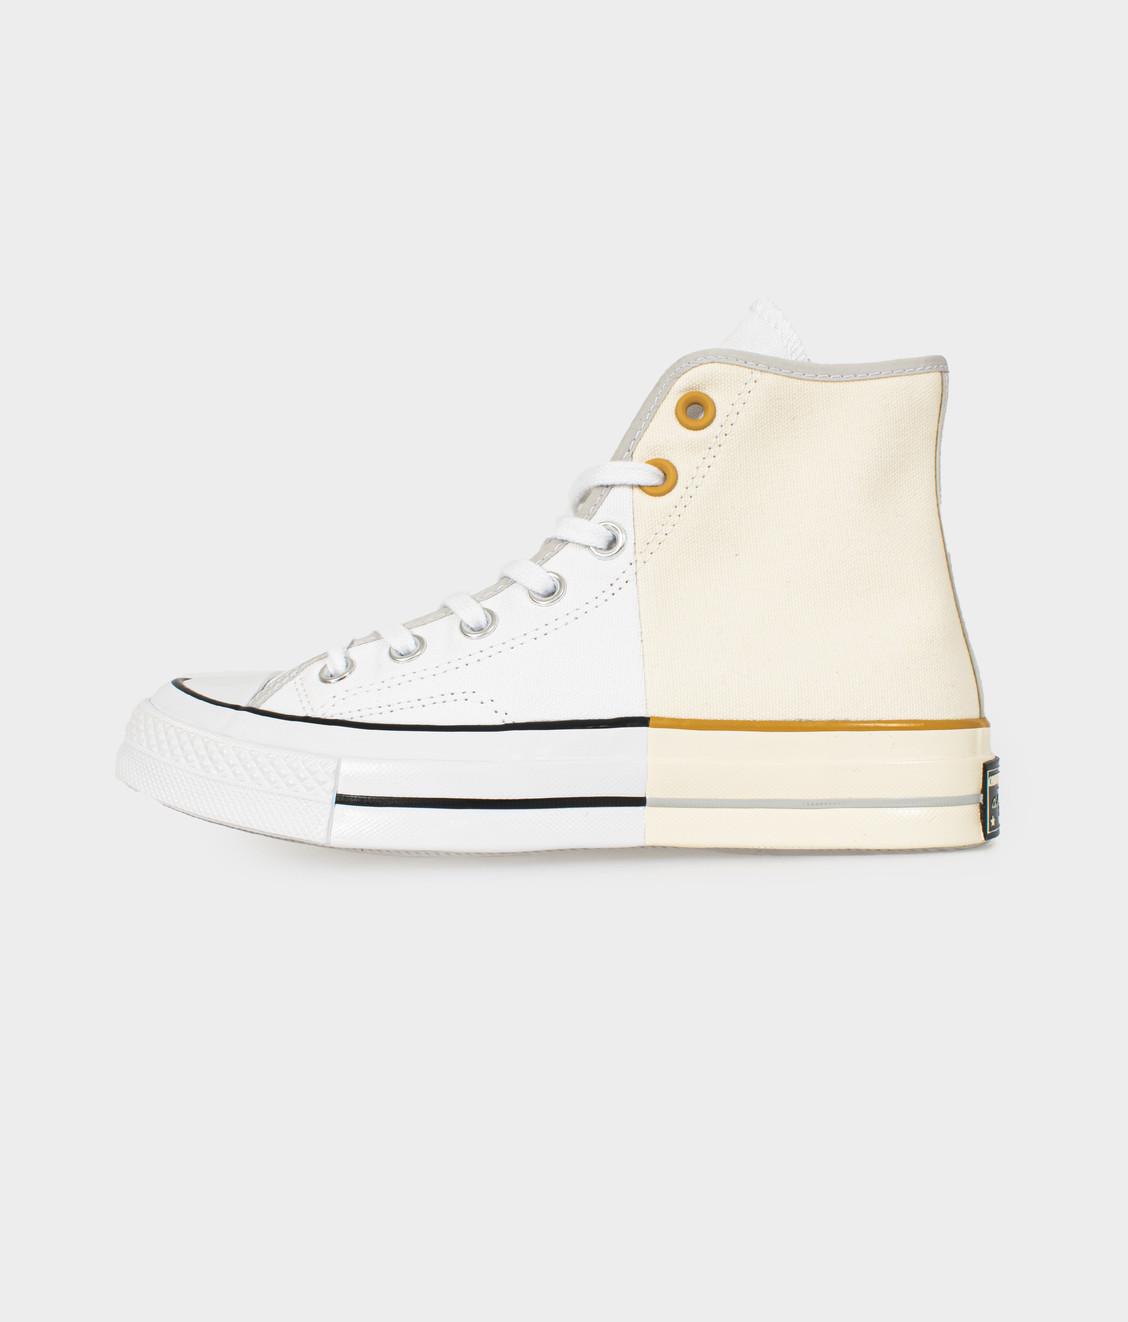 Converse Converse Chuck 70 Hi White/Mousse